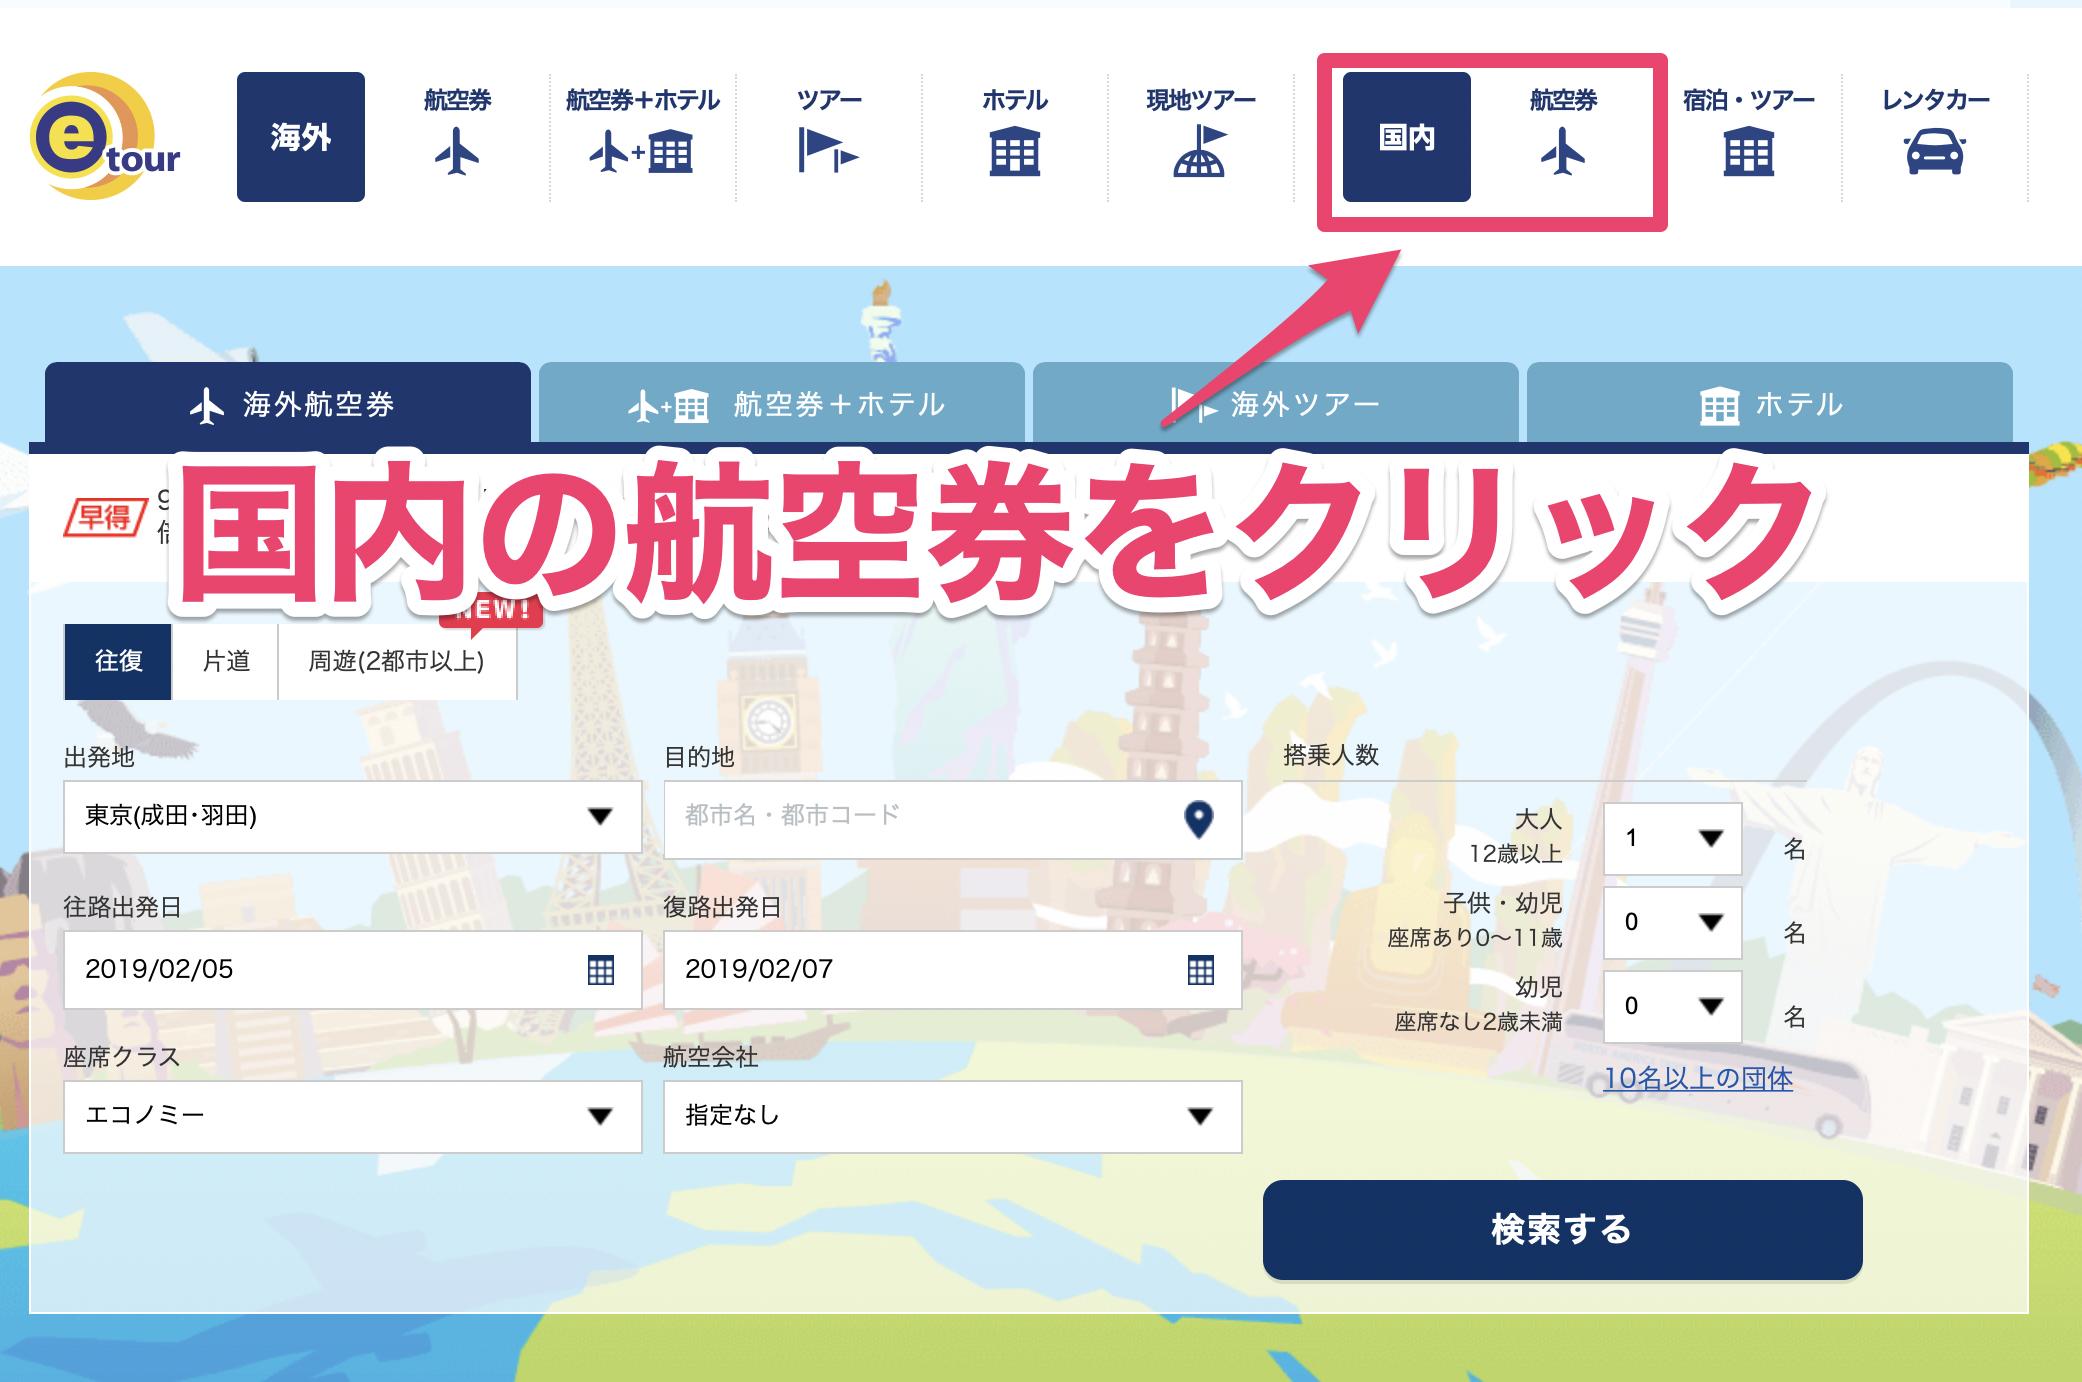 etourの国内航空券予約